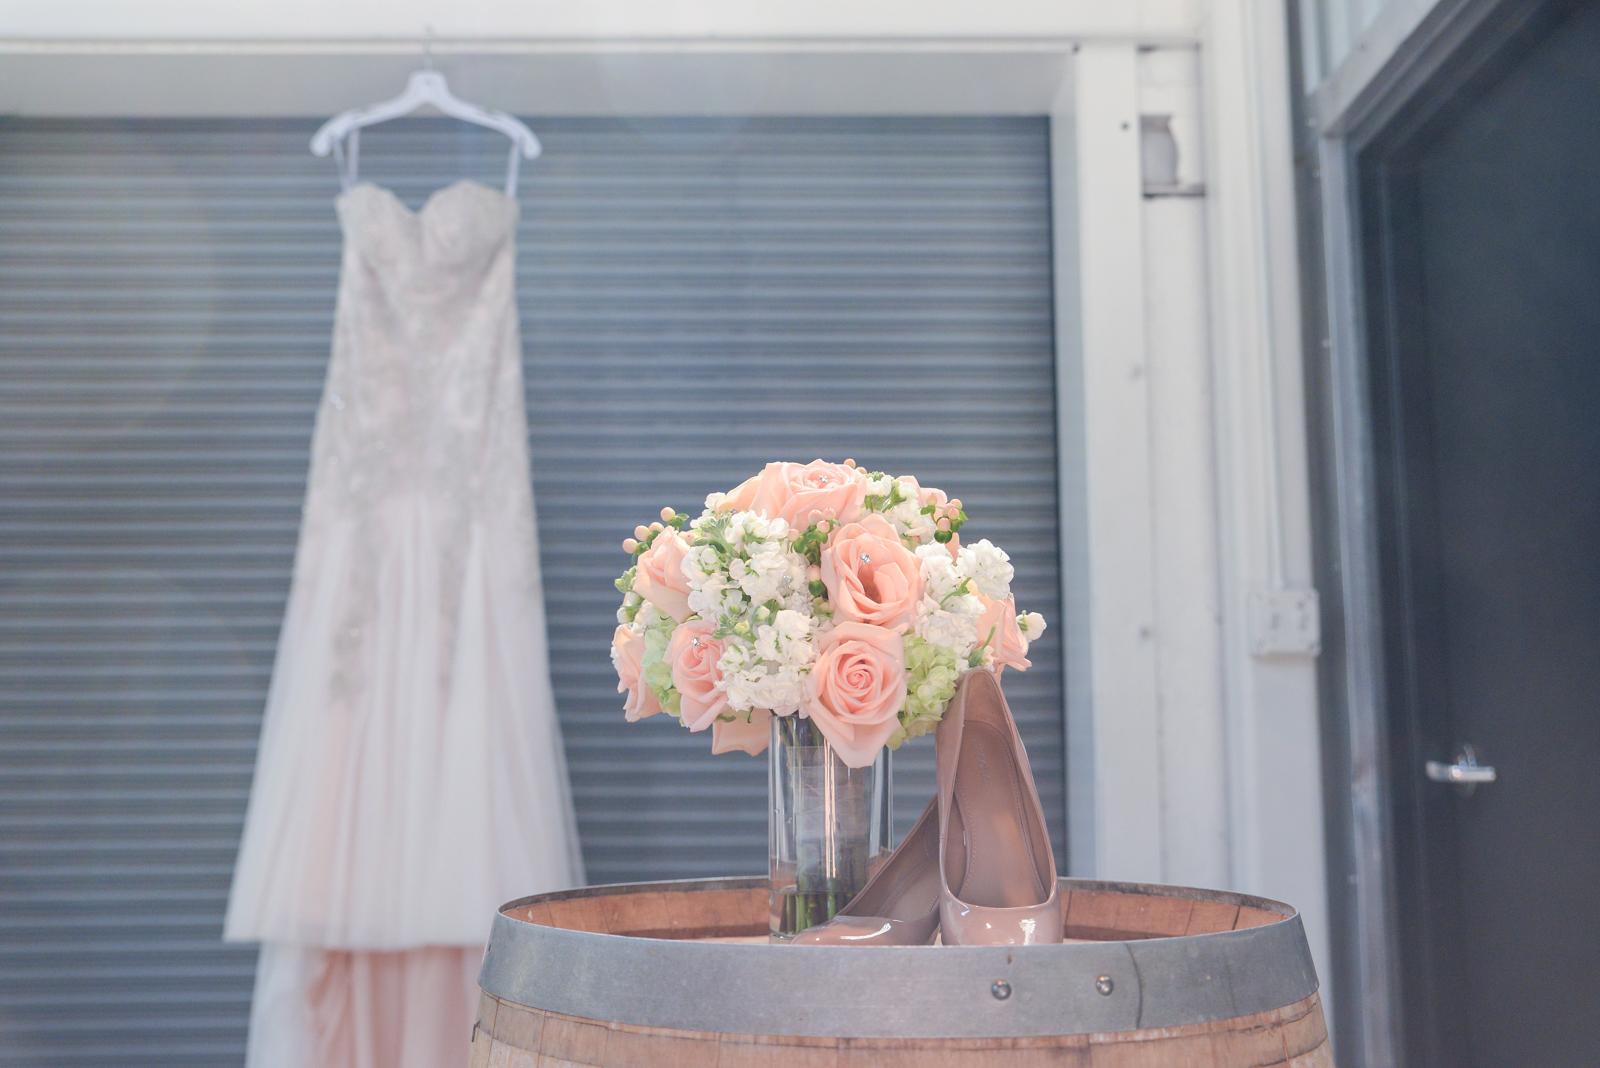 Stephanie Ray Wedding PhotographyDSC_6939.jpg